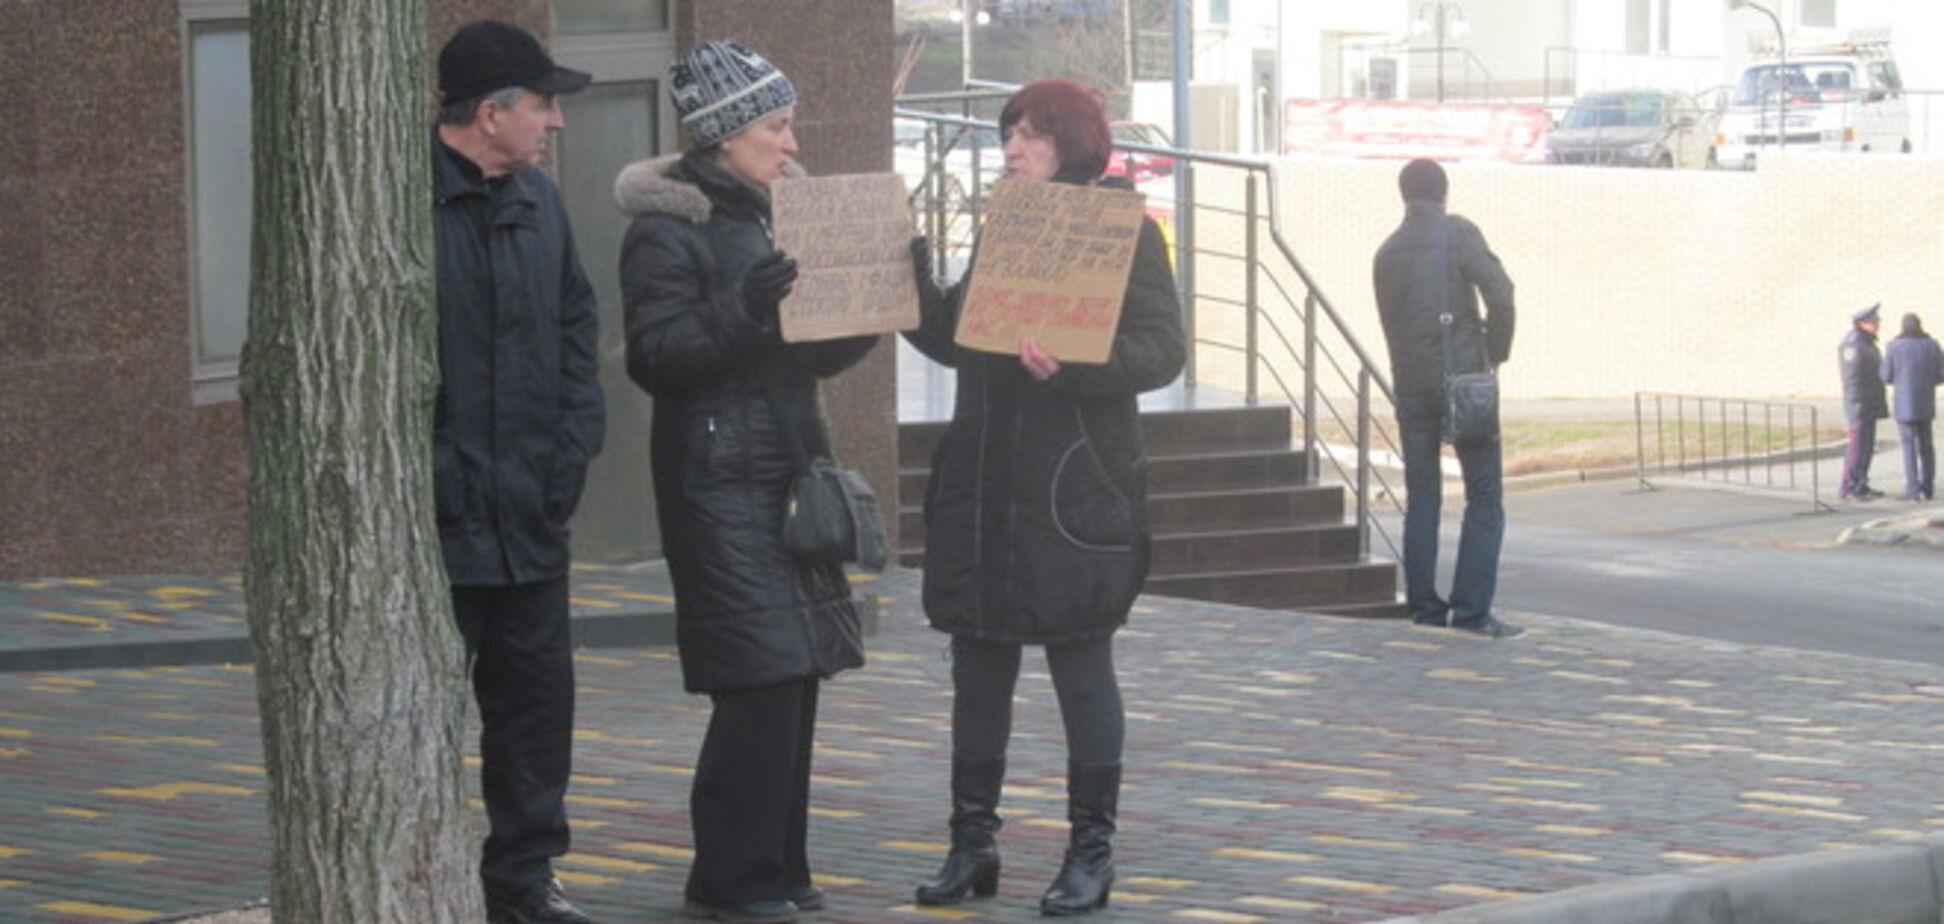 Одесситы принесли в генконсульство России унитаз и повестку в 'народный трибунал': фотофакт